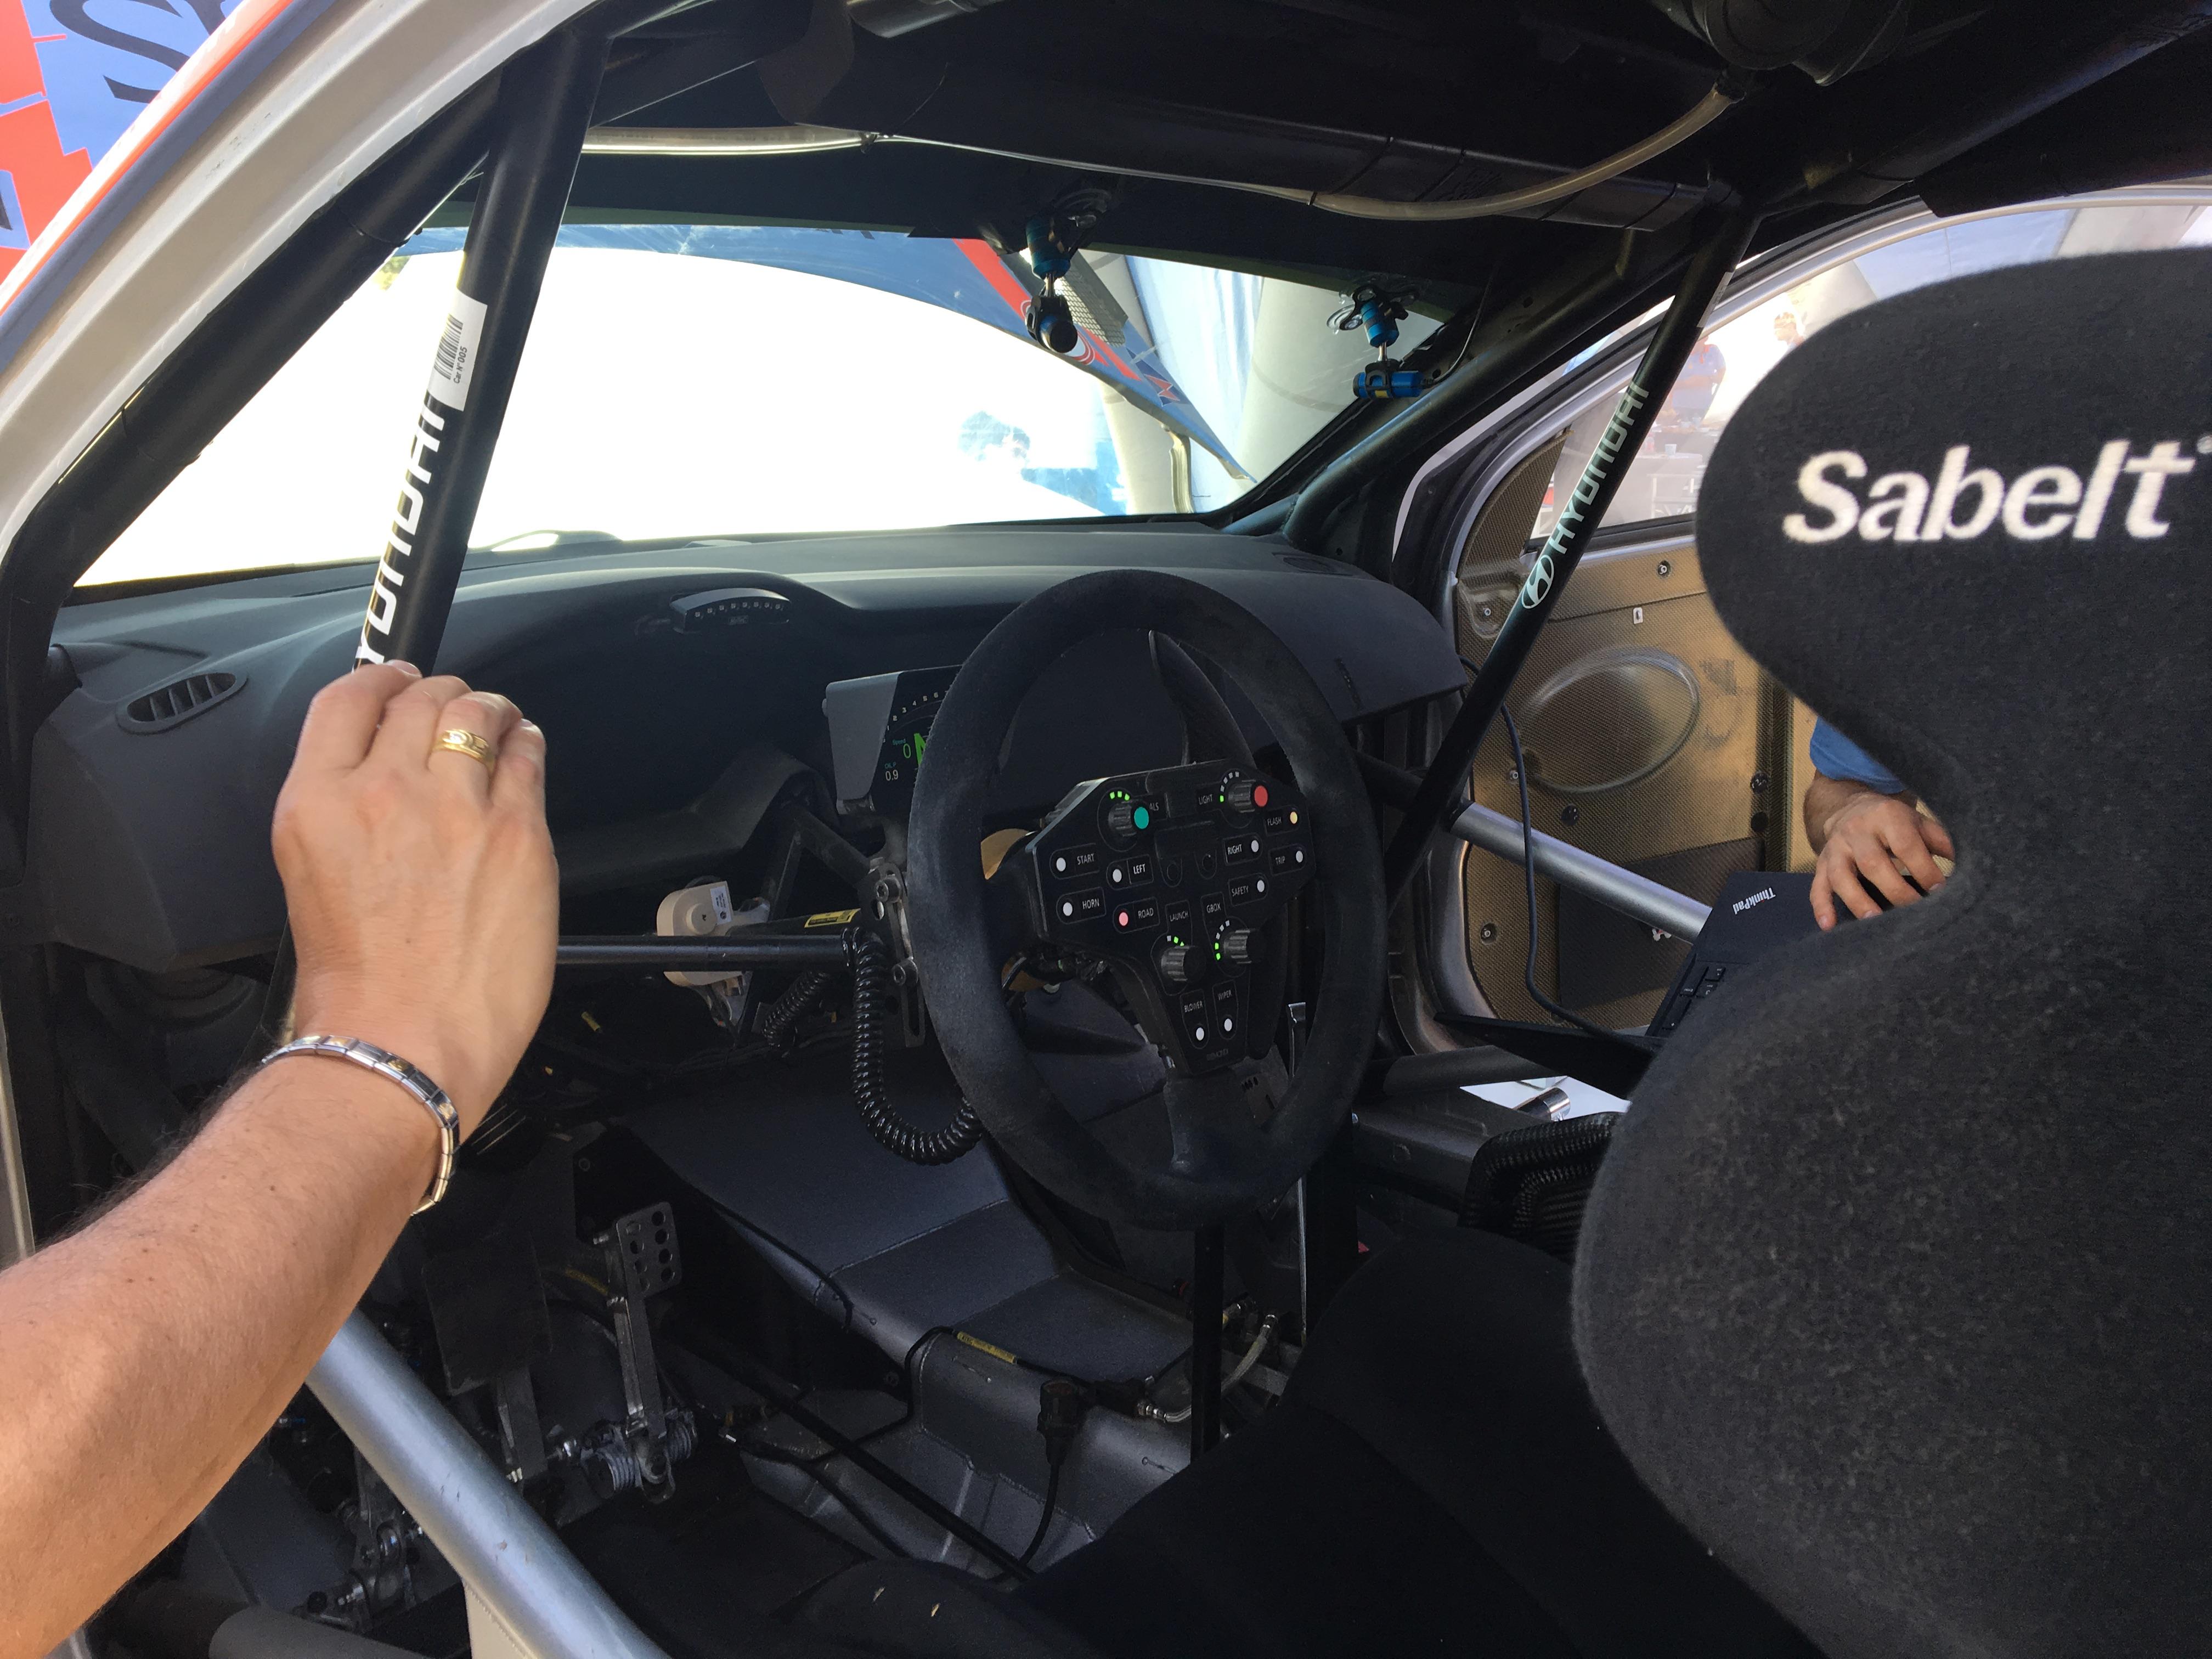 Rally Italia Sardegna - Hyundai Co-Drive Experience 2019